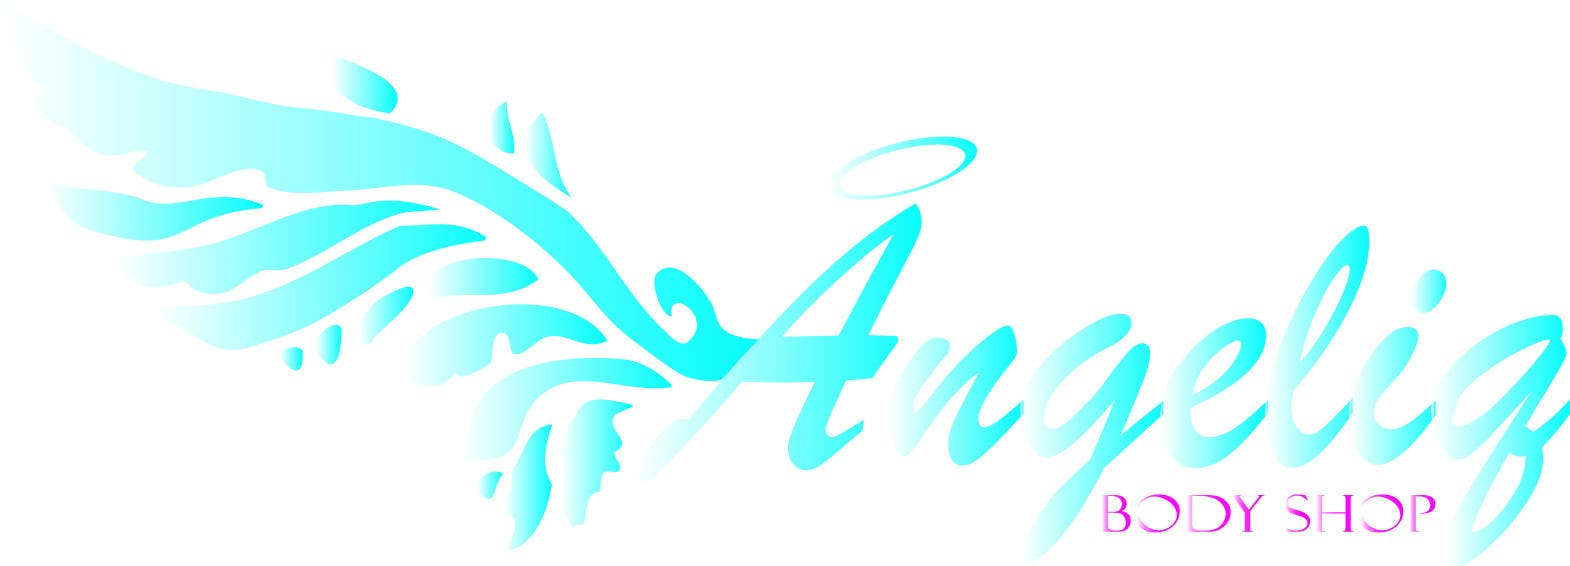 Penyertaan Peraduan #110 untuk I need some Graphic Design for an  Angel Logo